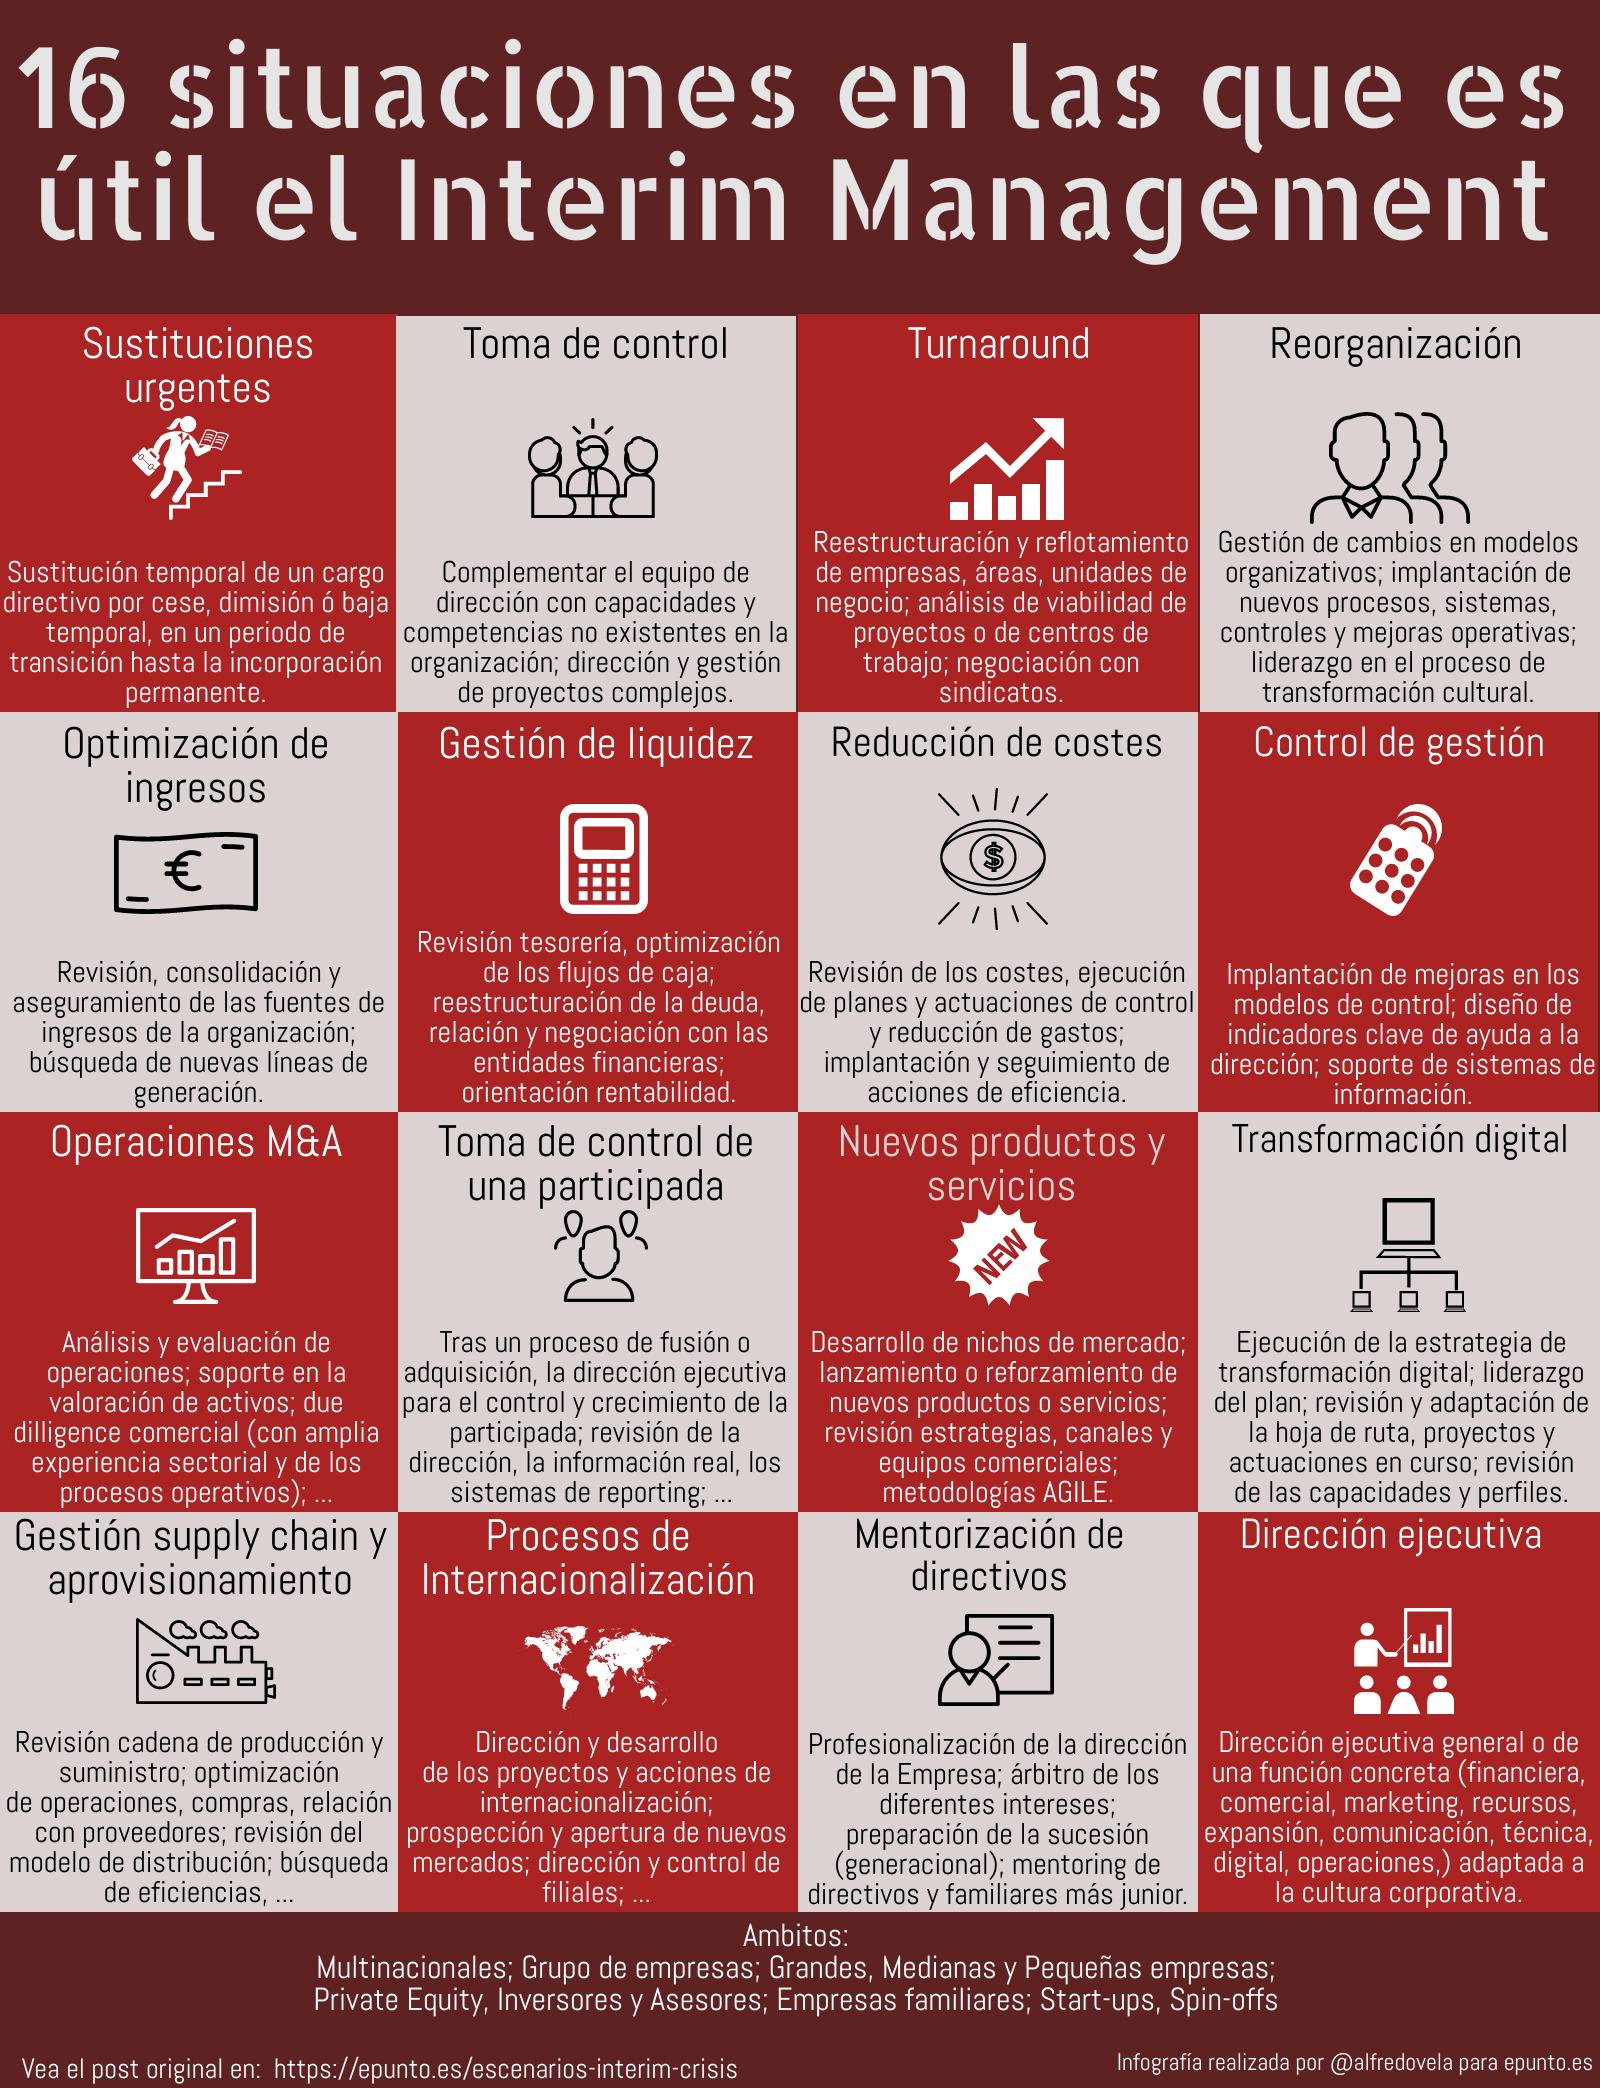 16 situaciones en las que el Interim Management es útil #infografia #rrhh #interimmanagement